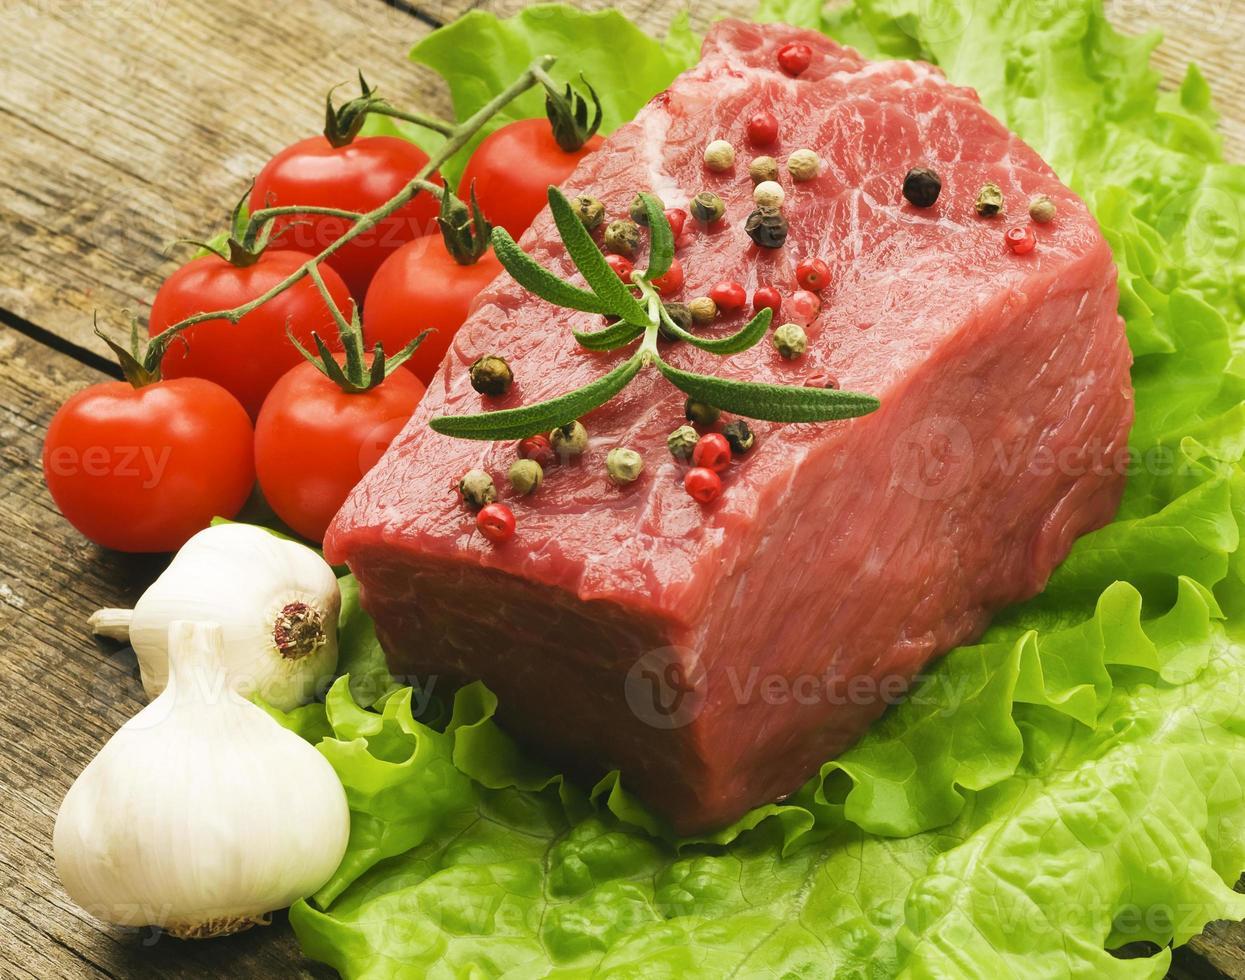 rauwe biefstuk met groene sla op een houten bord foto